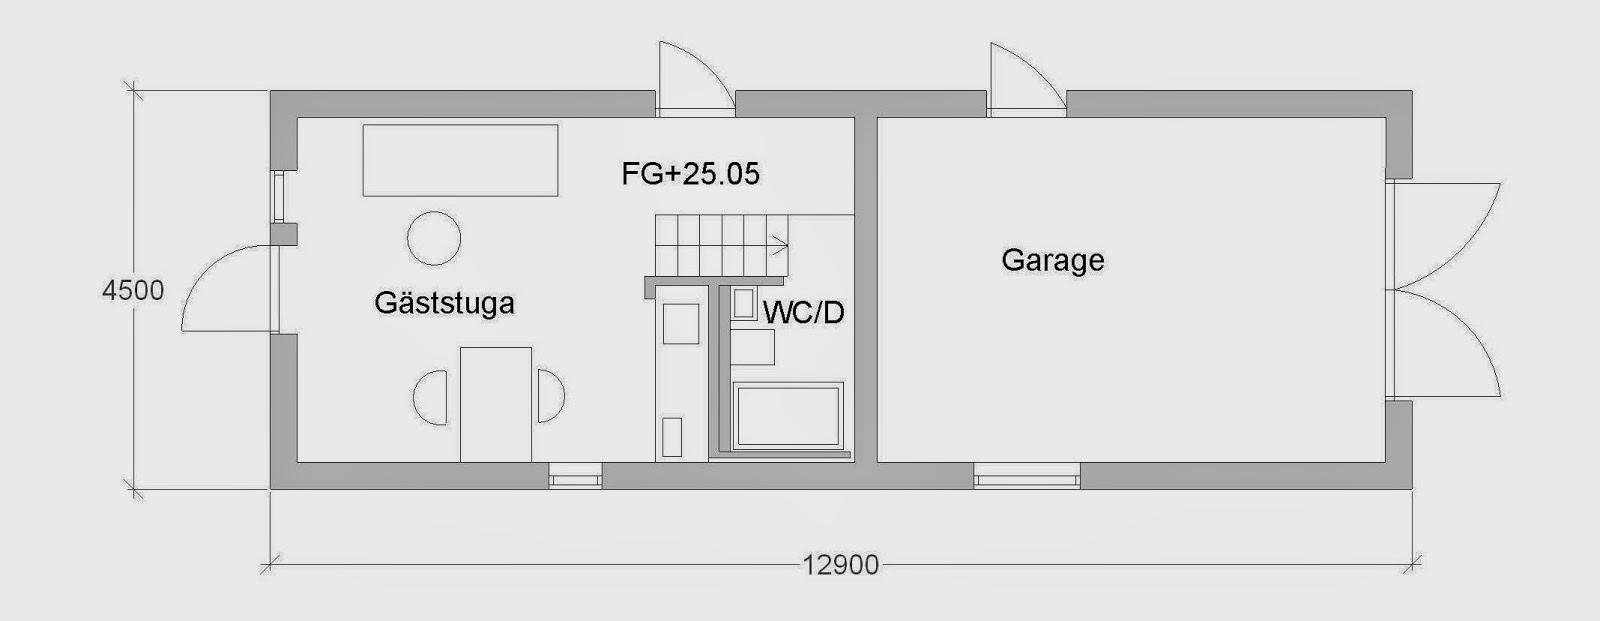 Villa Natura ekologiskt lågenergihus Österlen gäststuga sovloft garage